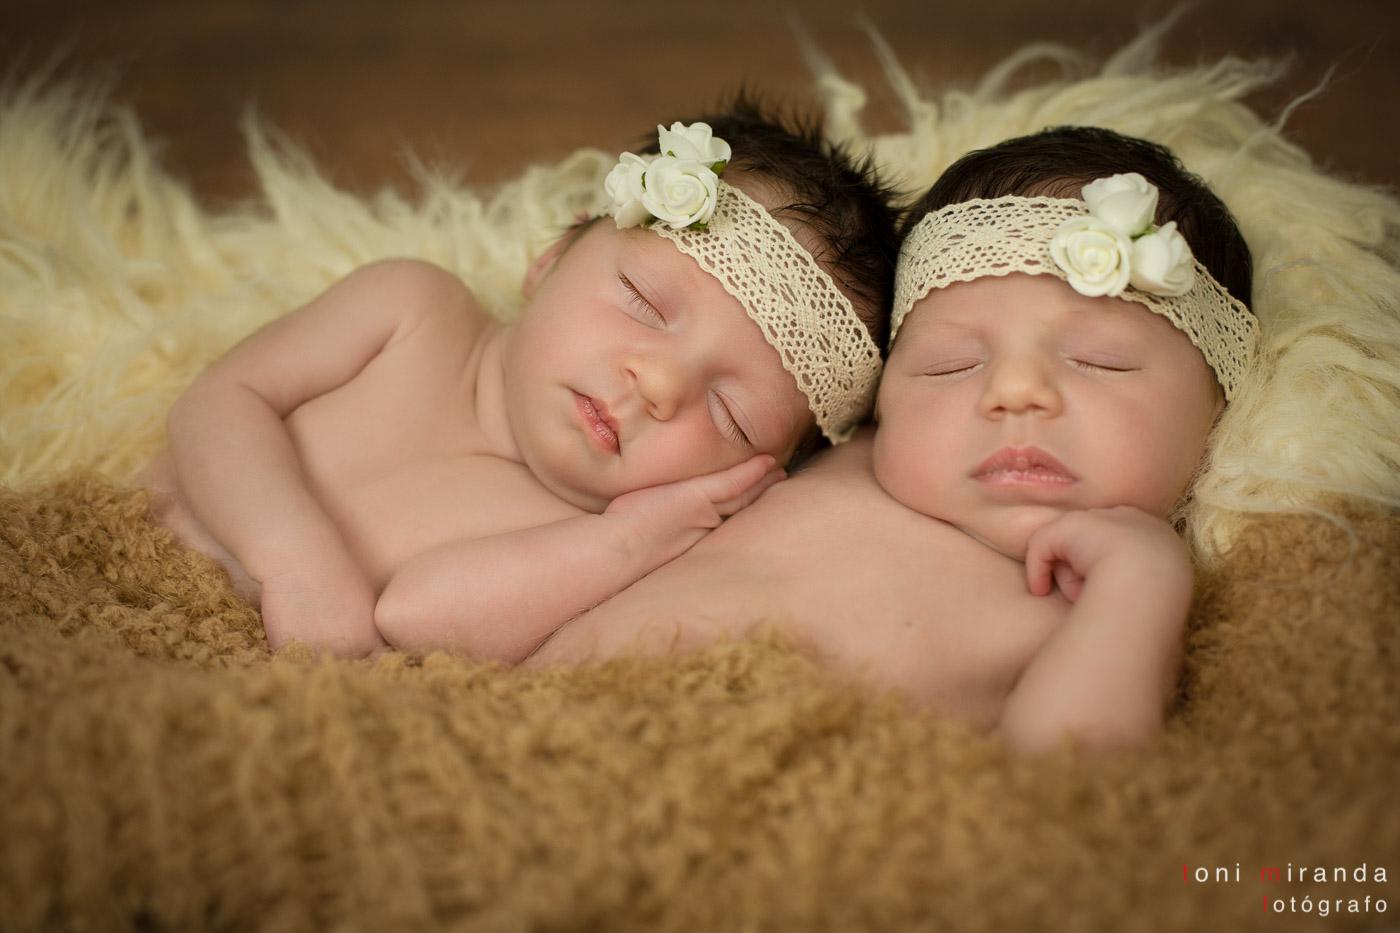 recién nacidas new born mellizas durmiendo con puntilla en la cabeza